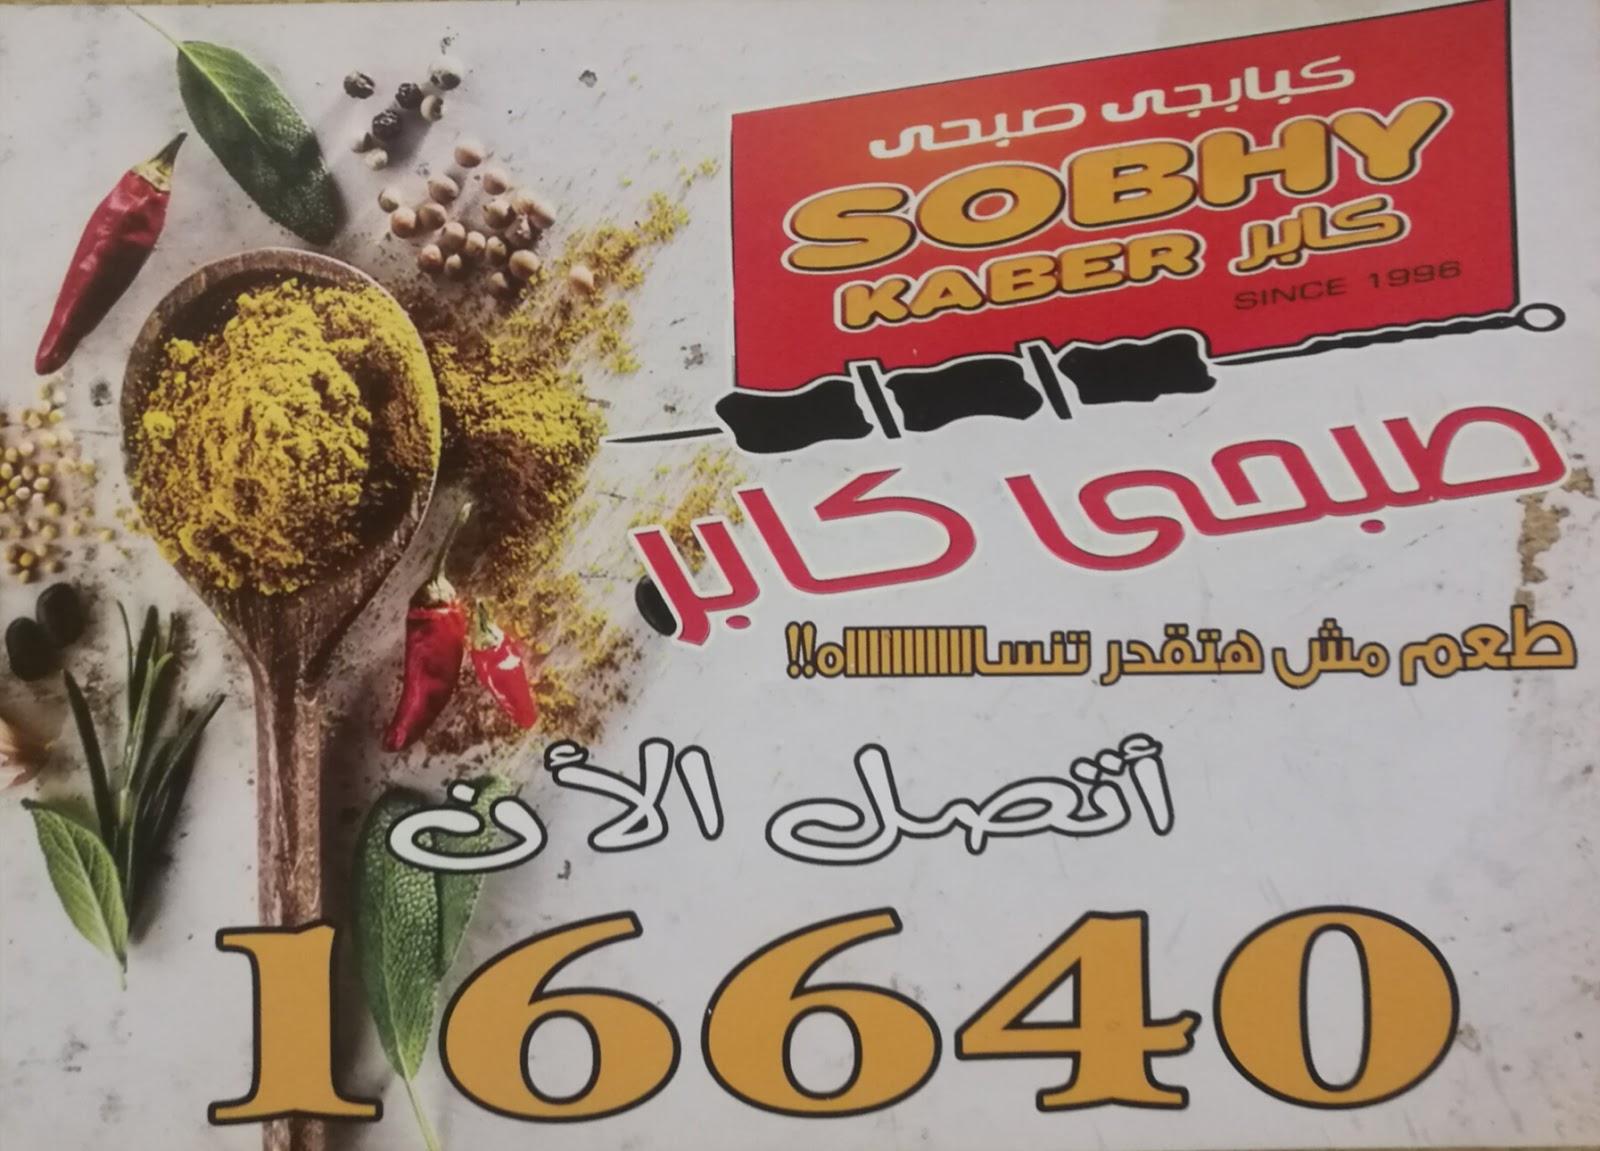 منيو مطعم صبحى كابر الجديدة من الفتره 17 أغسطس حتى نفاد الكمية 2018